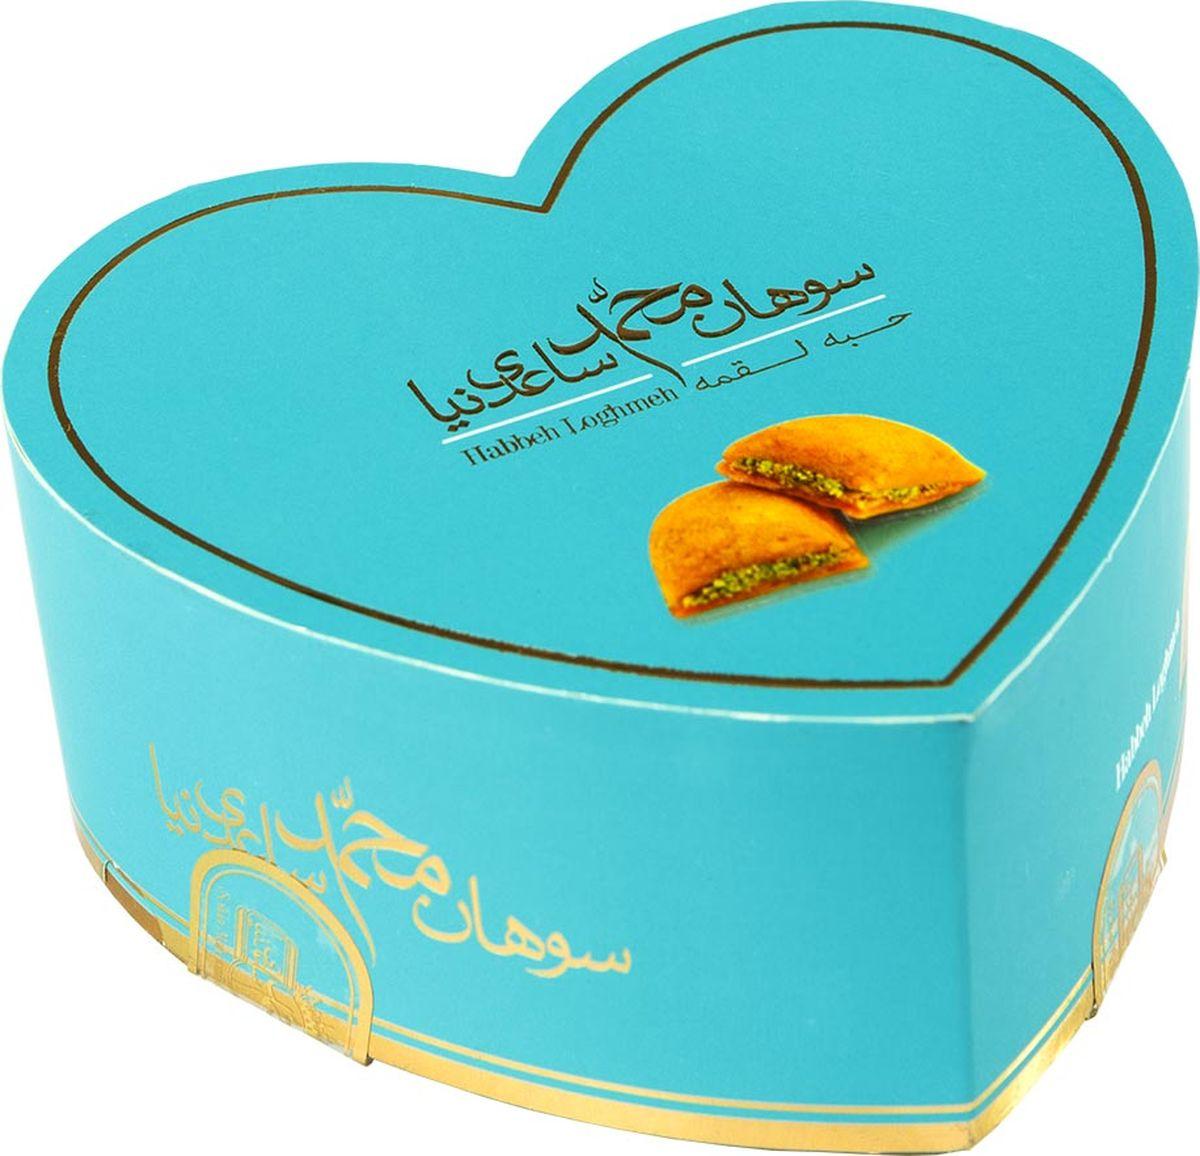 Sohan хаббе иранская сладость, 259 гB18082Сохан хаббе – это необыкновенное лакомство из Ирана. Одну из самых необычных восточных сладостей изготавливают из пророщенной пшеницы, ядрышек миндаля и фисташек и эссенции с нежным цветочным ароматом. Благодаря такому оригинальному сочетанию вкус иранской халвы получается просто удивительным и аналогов этому десерту нет.